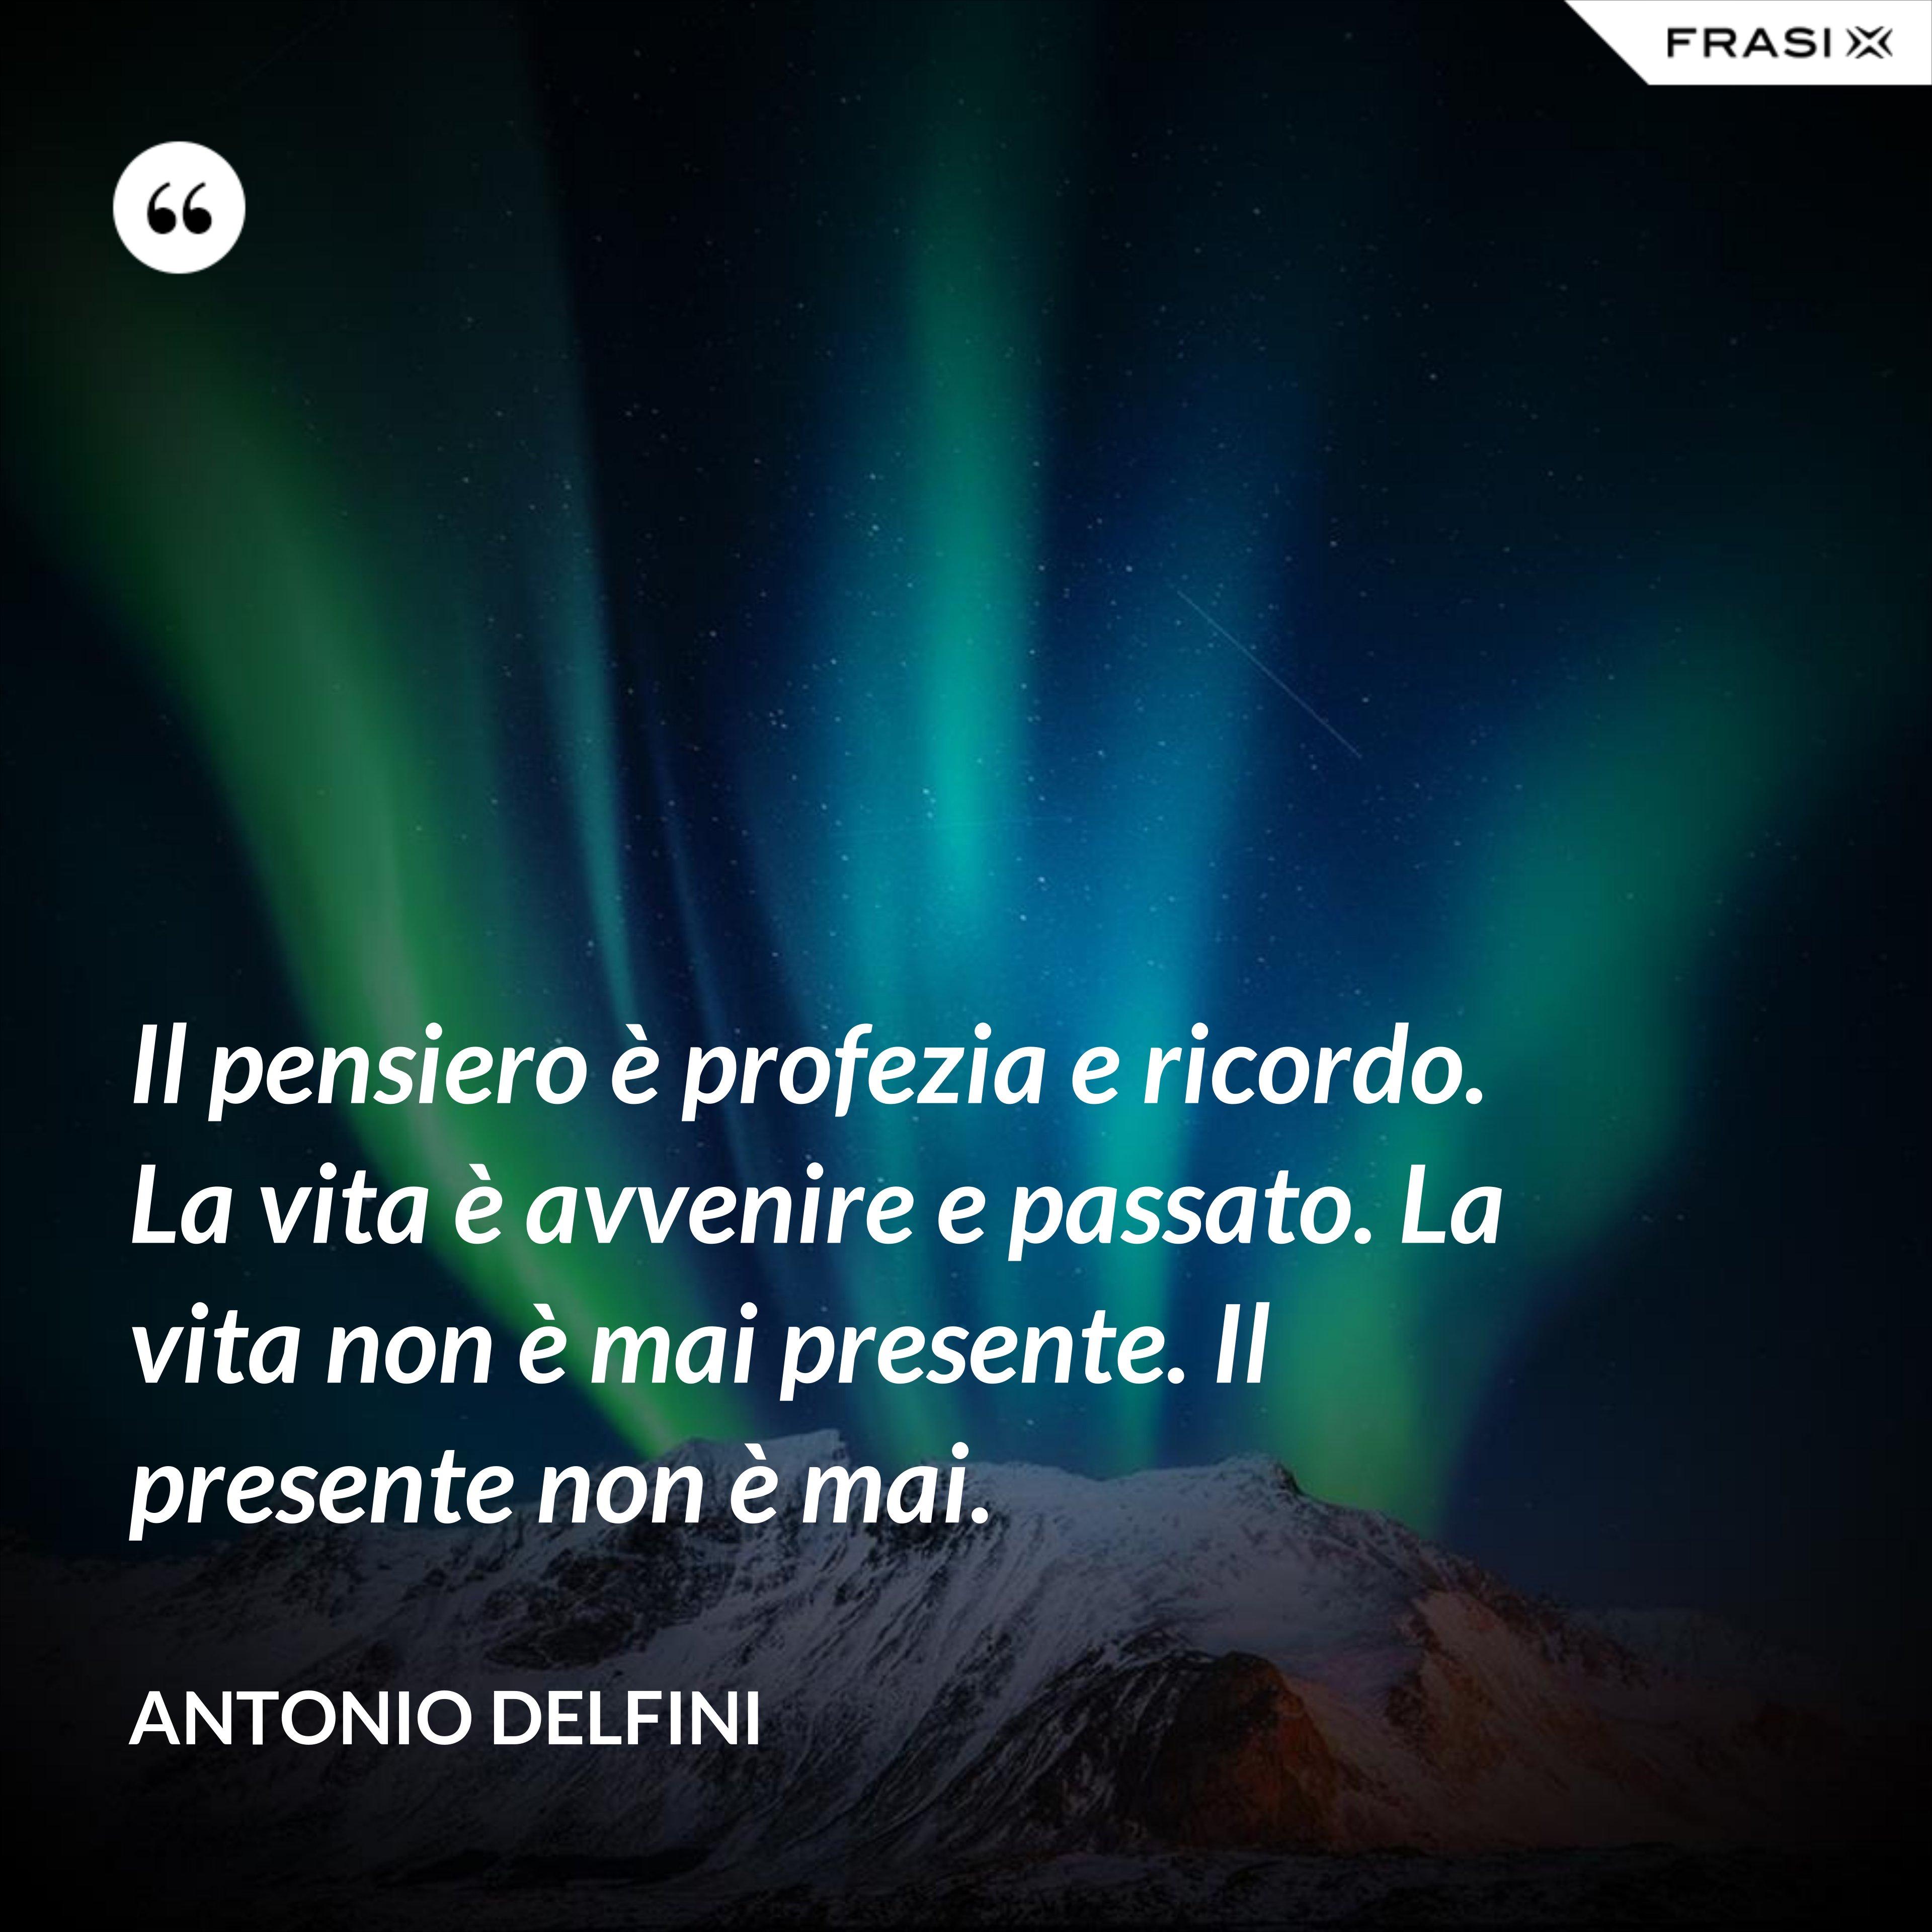 Il pensiero è profezia e ricordo. La vita è avvenire e passato. La vita non è mai presente. Il presente non è mai. - Antonio Delfini